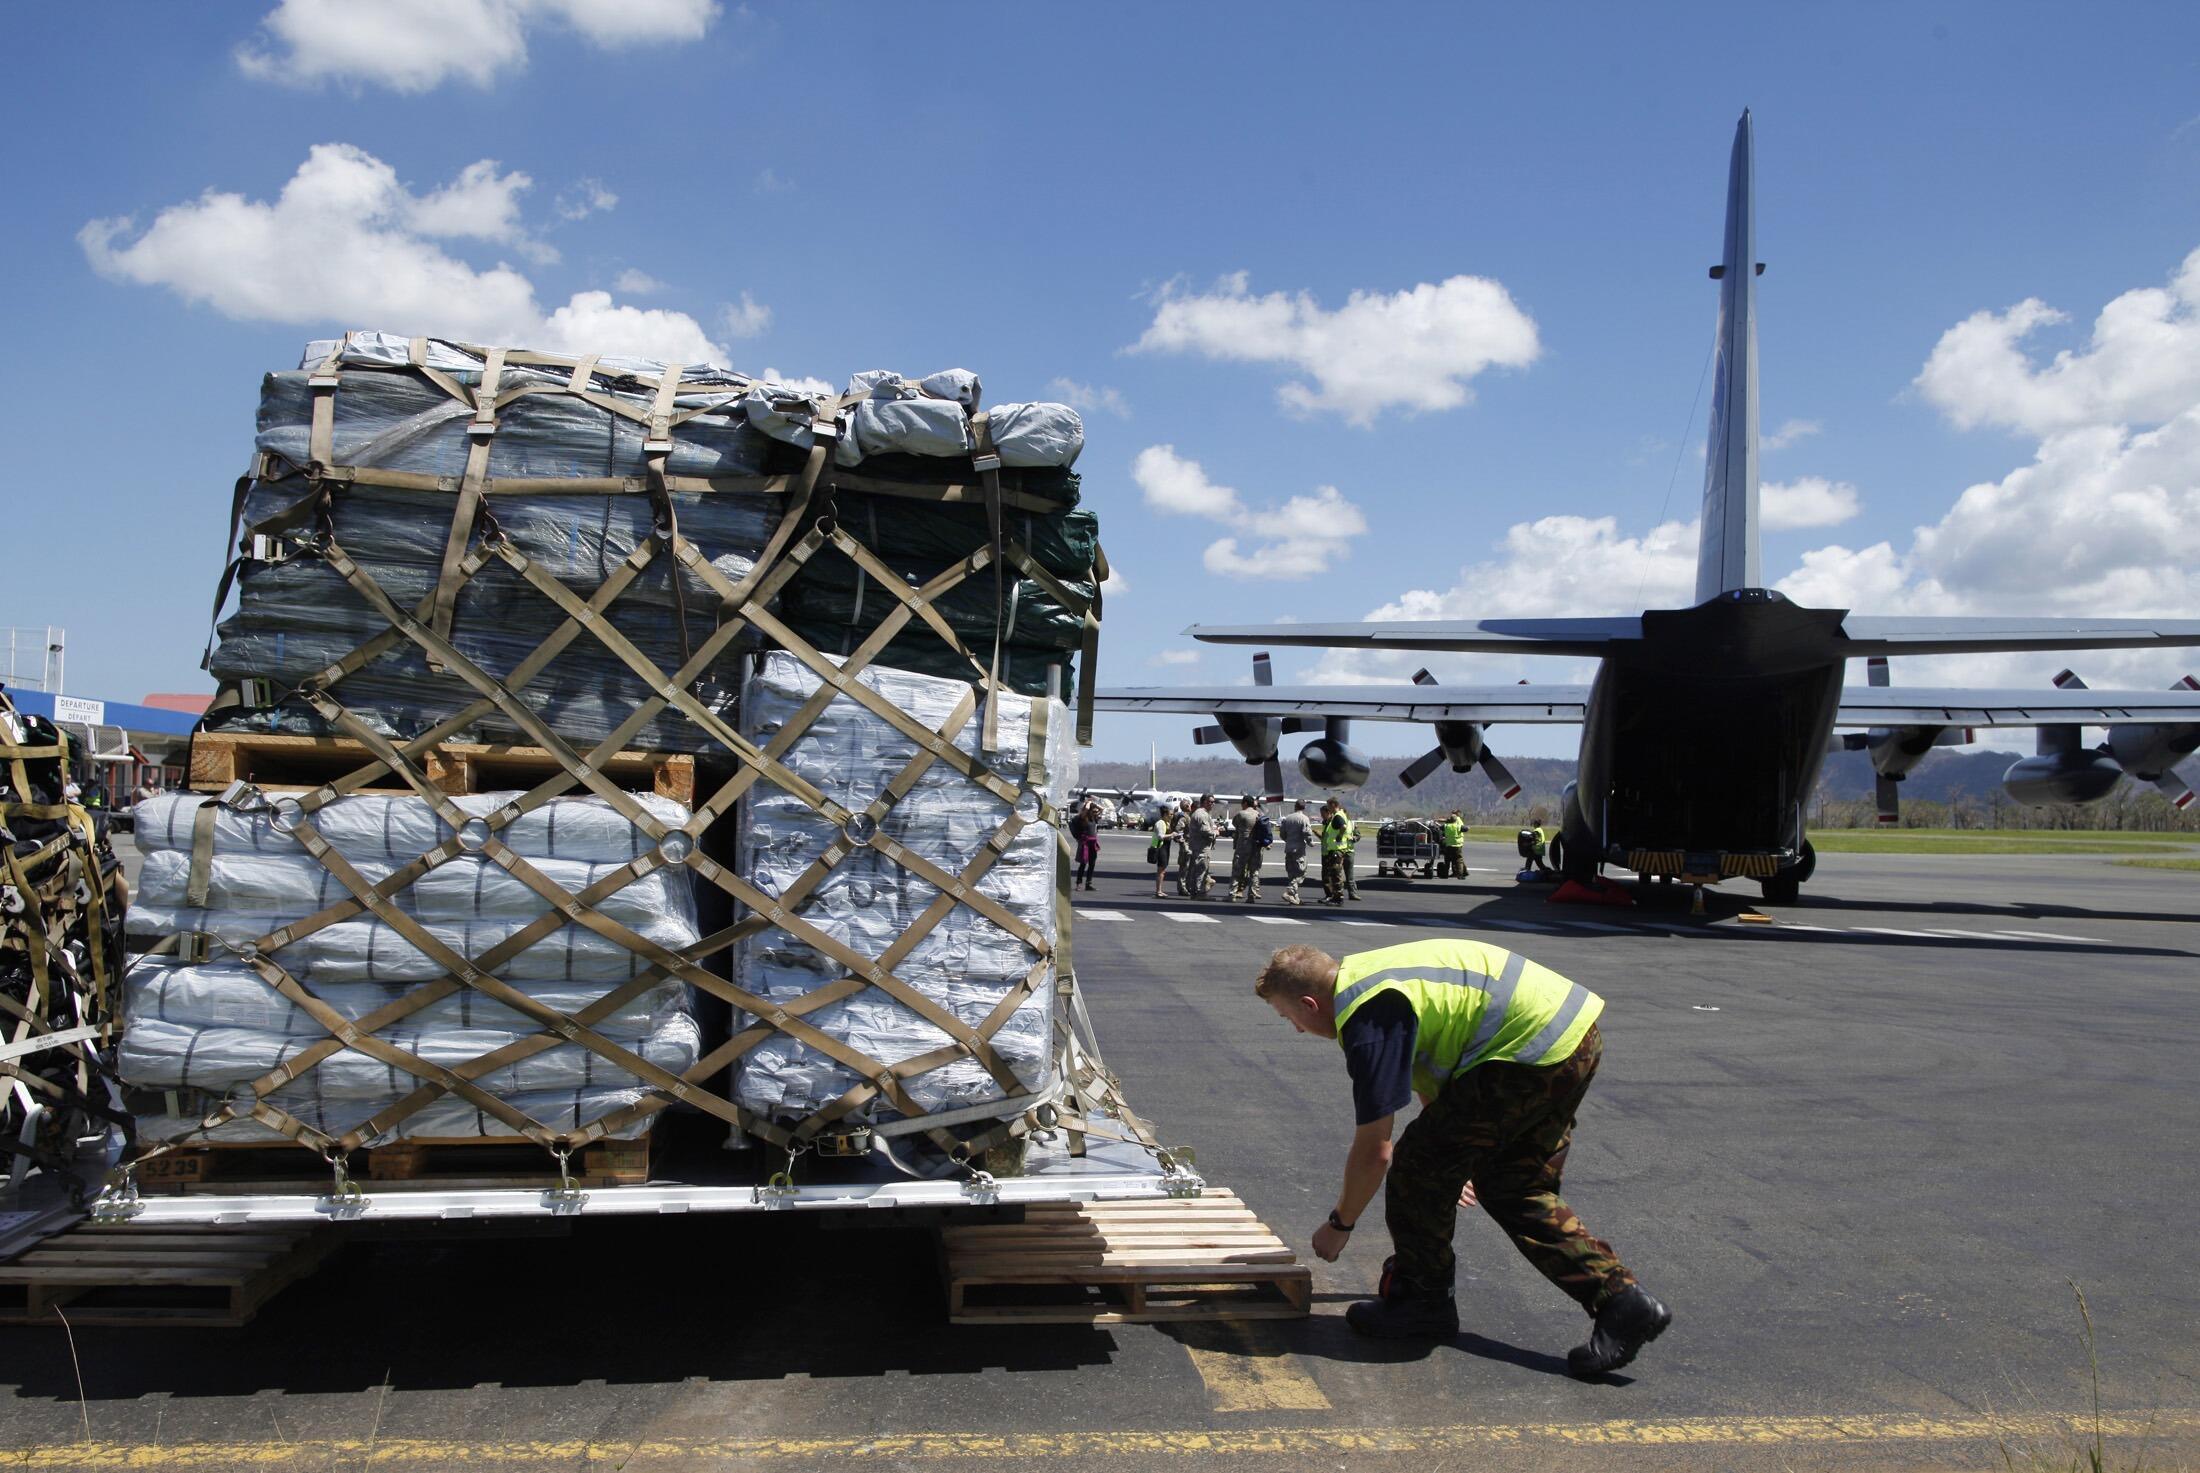 瓦努阿圖的救災工作 2015年3月18日維拉港 L'aide internationale à destination du Vanuatu sinistré par le cyclone PAM s'organise, notamment en provenance d'Australie ou de Nouvelle-Zélande comme cet avion cargo sur l'aéroport de Port-Vila mercredi 18 mars.